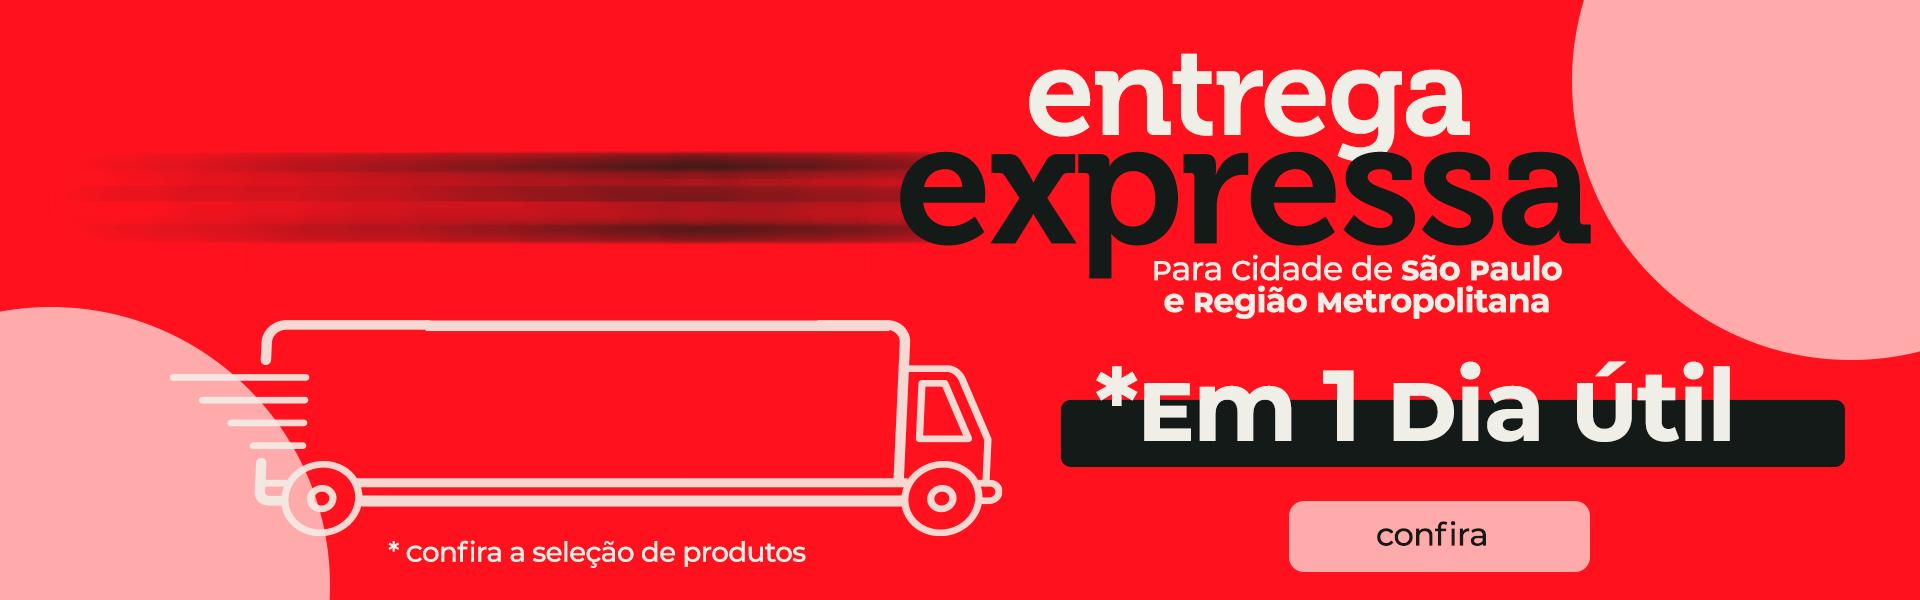 ENTREGA_EXPRESSA_SP